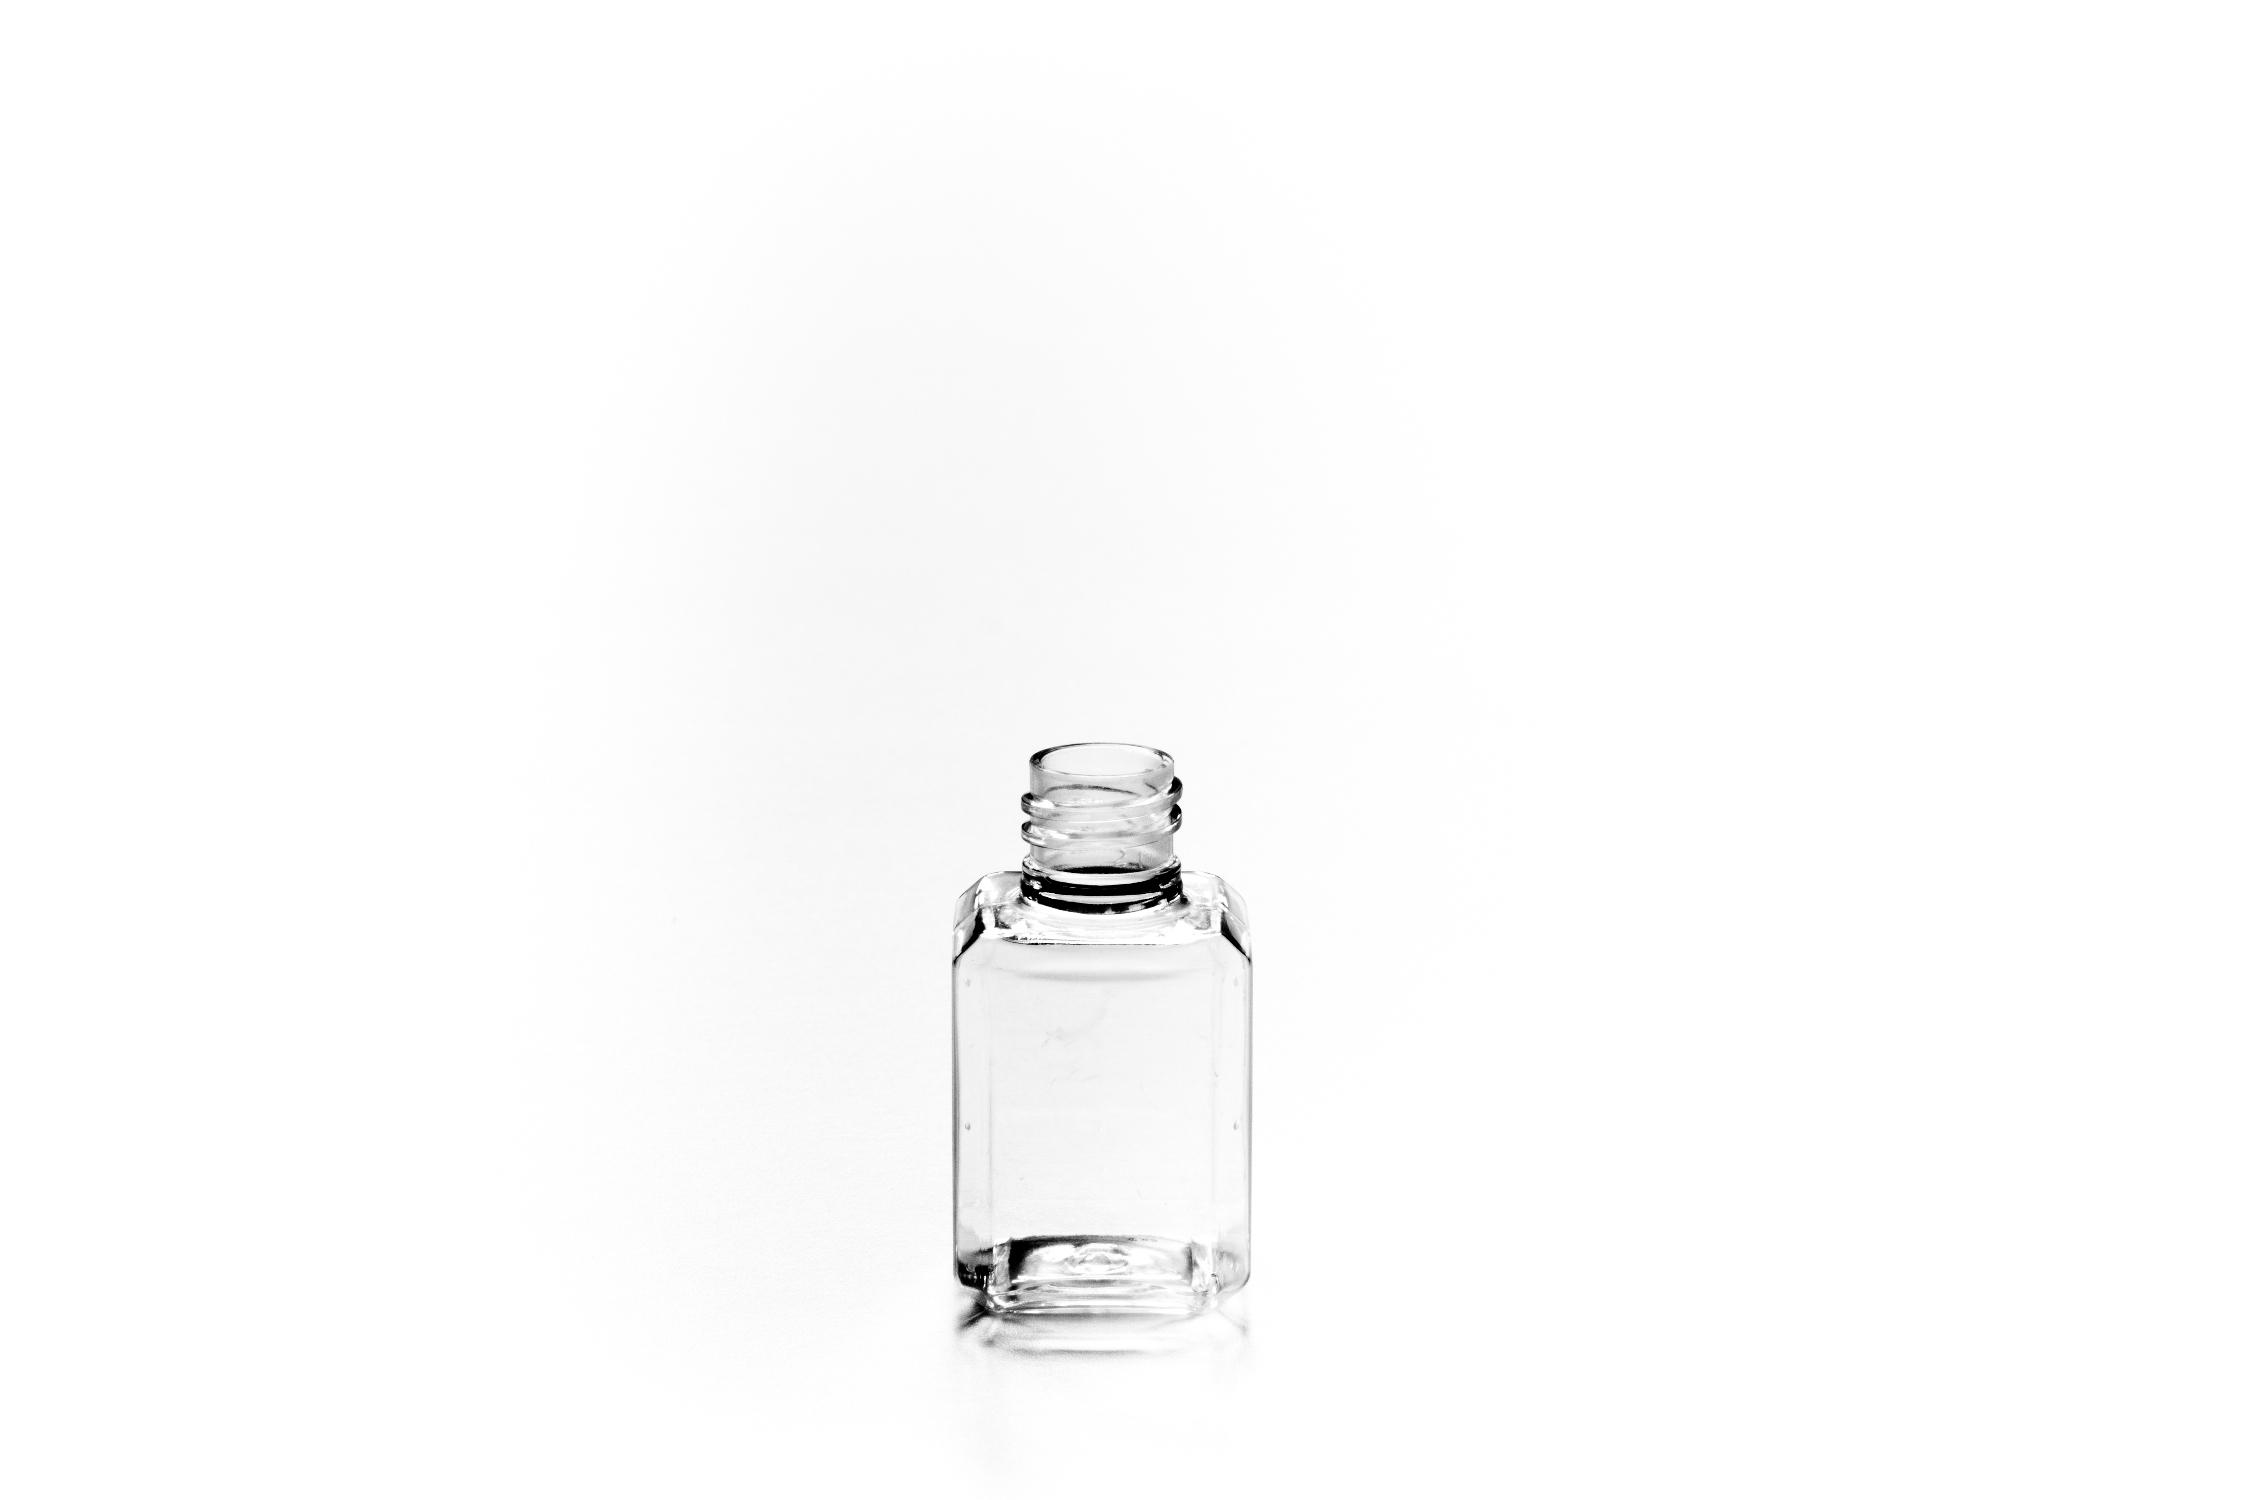 bottle se068 35ml seyca plastic manufacturers of. Black Bedroom Furniture Sets. Home Design Ideas